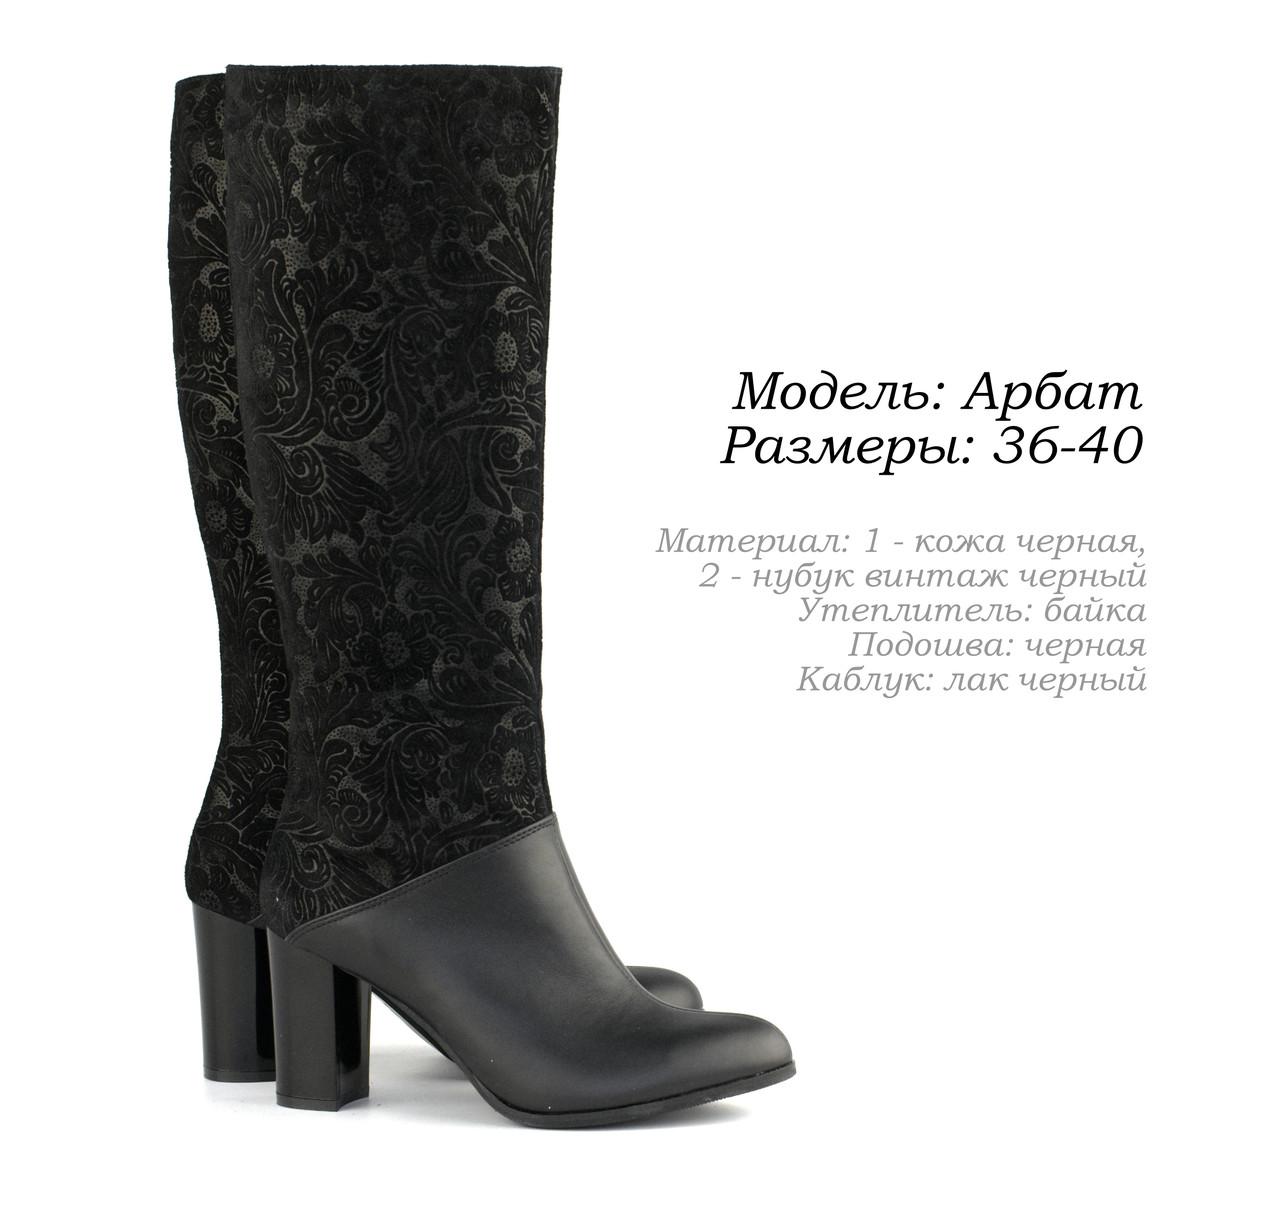 83a6c728b Купить Демисезонная обувь от производителя оптом - БОТИНКИ, САПОГИ ...